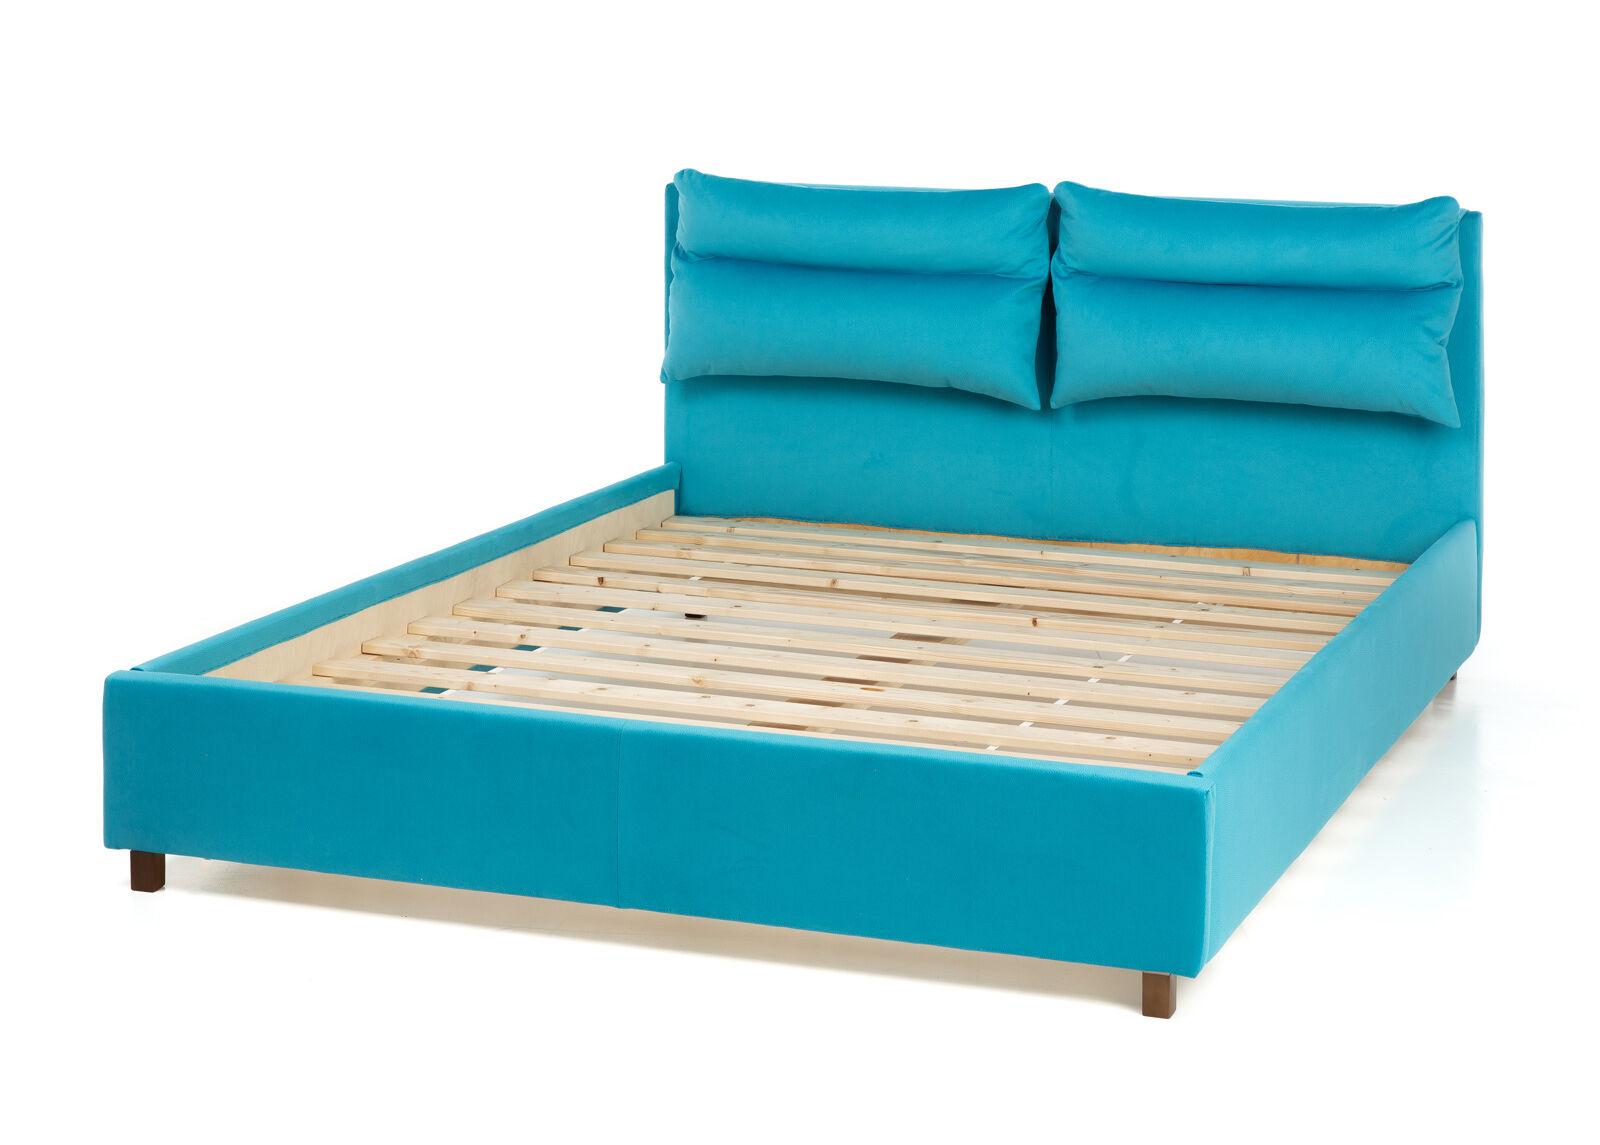 Võru Empak Sänky Pillows 140x200 cm